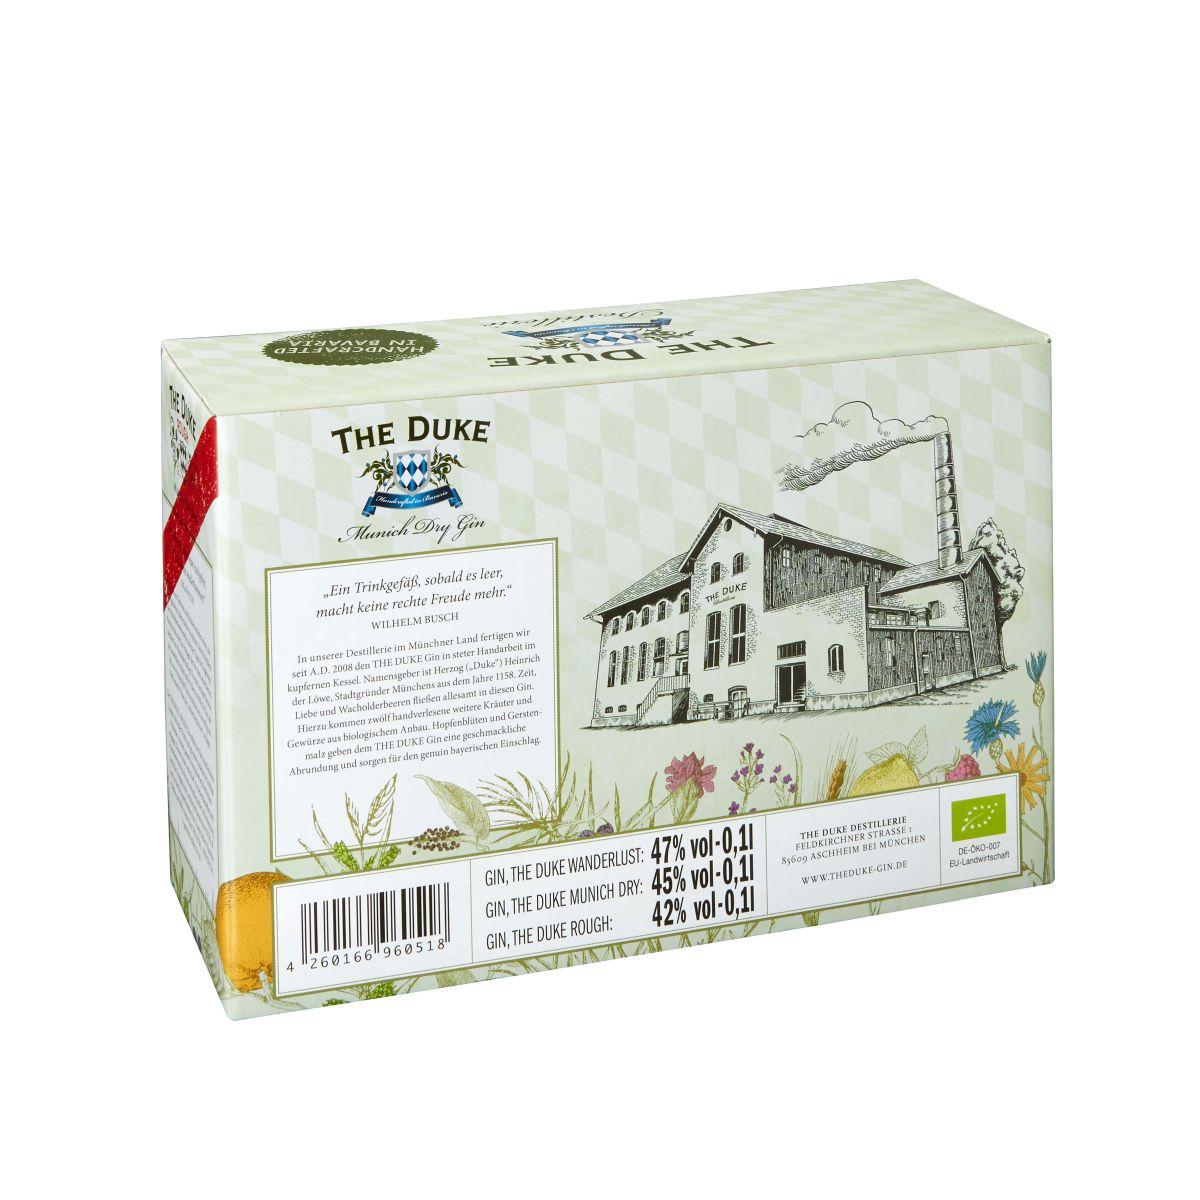 THE DUKE Gin Miniaturenset Geschenkbox hinten